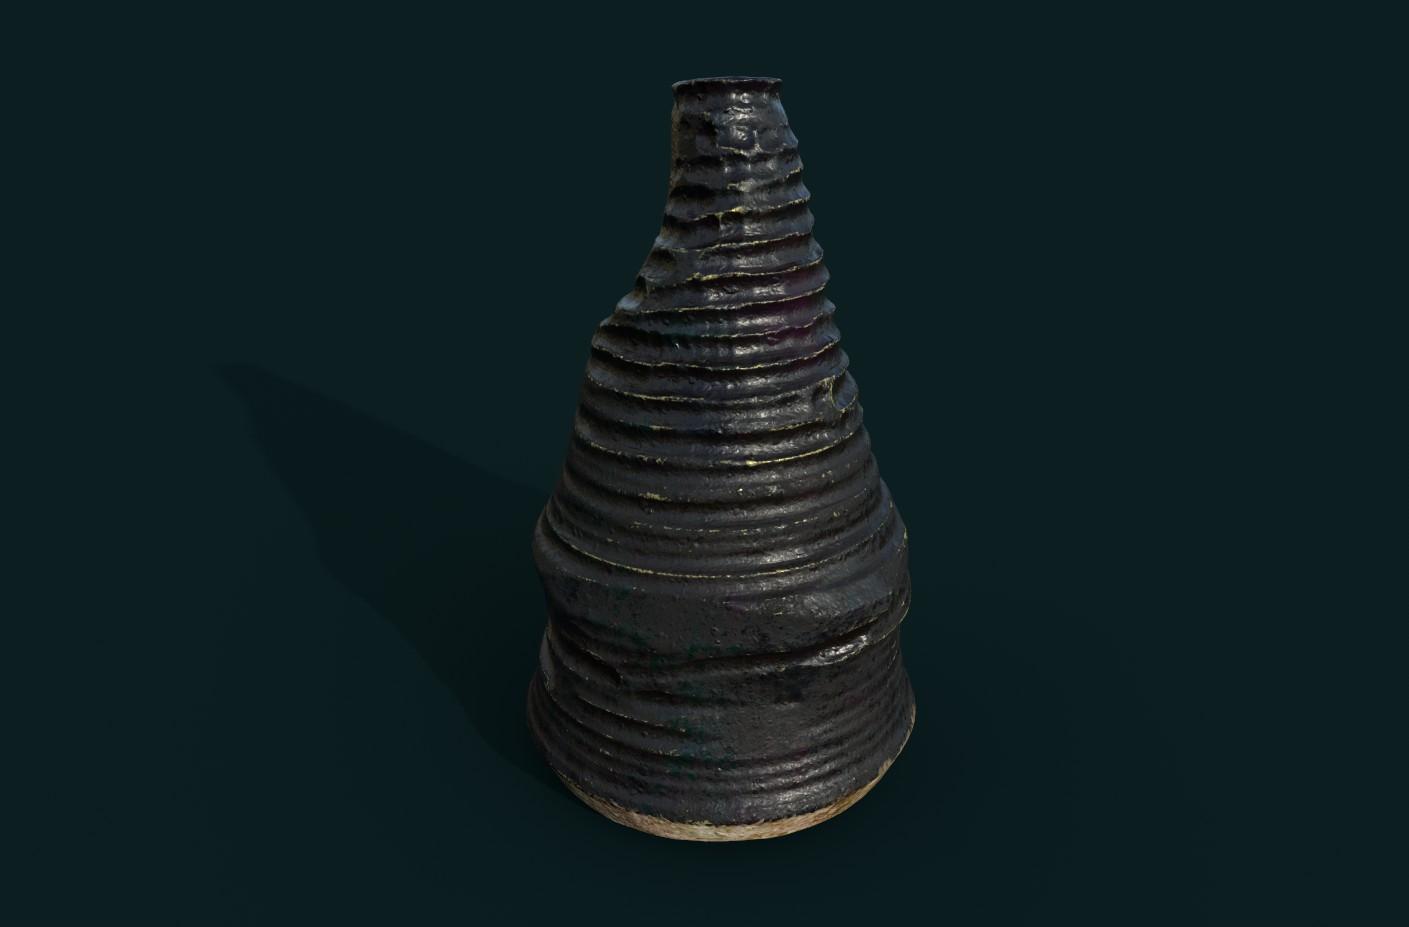 PAINTER vase col bas test render 1